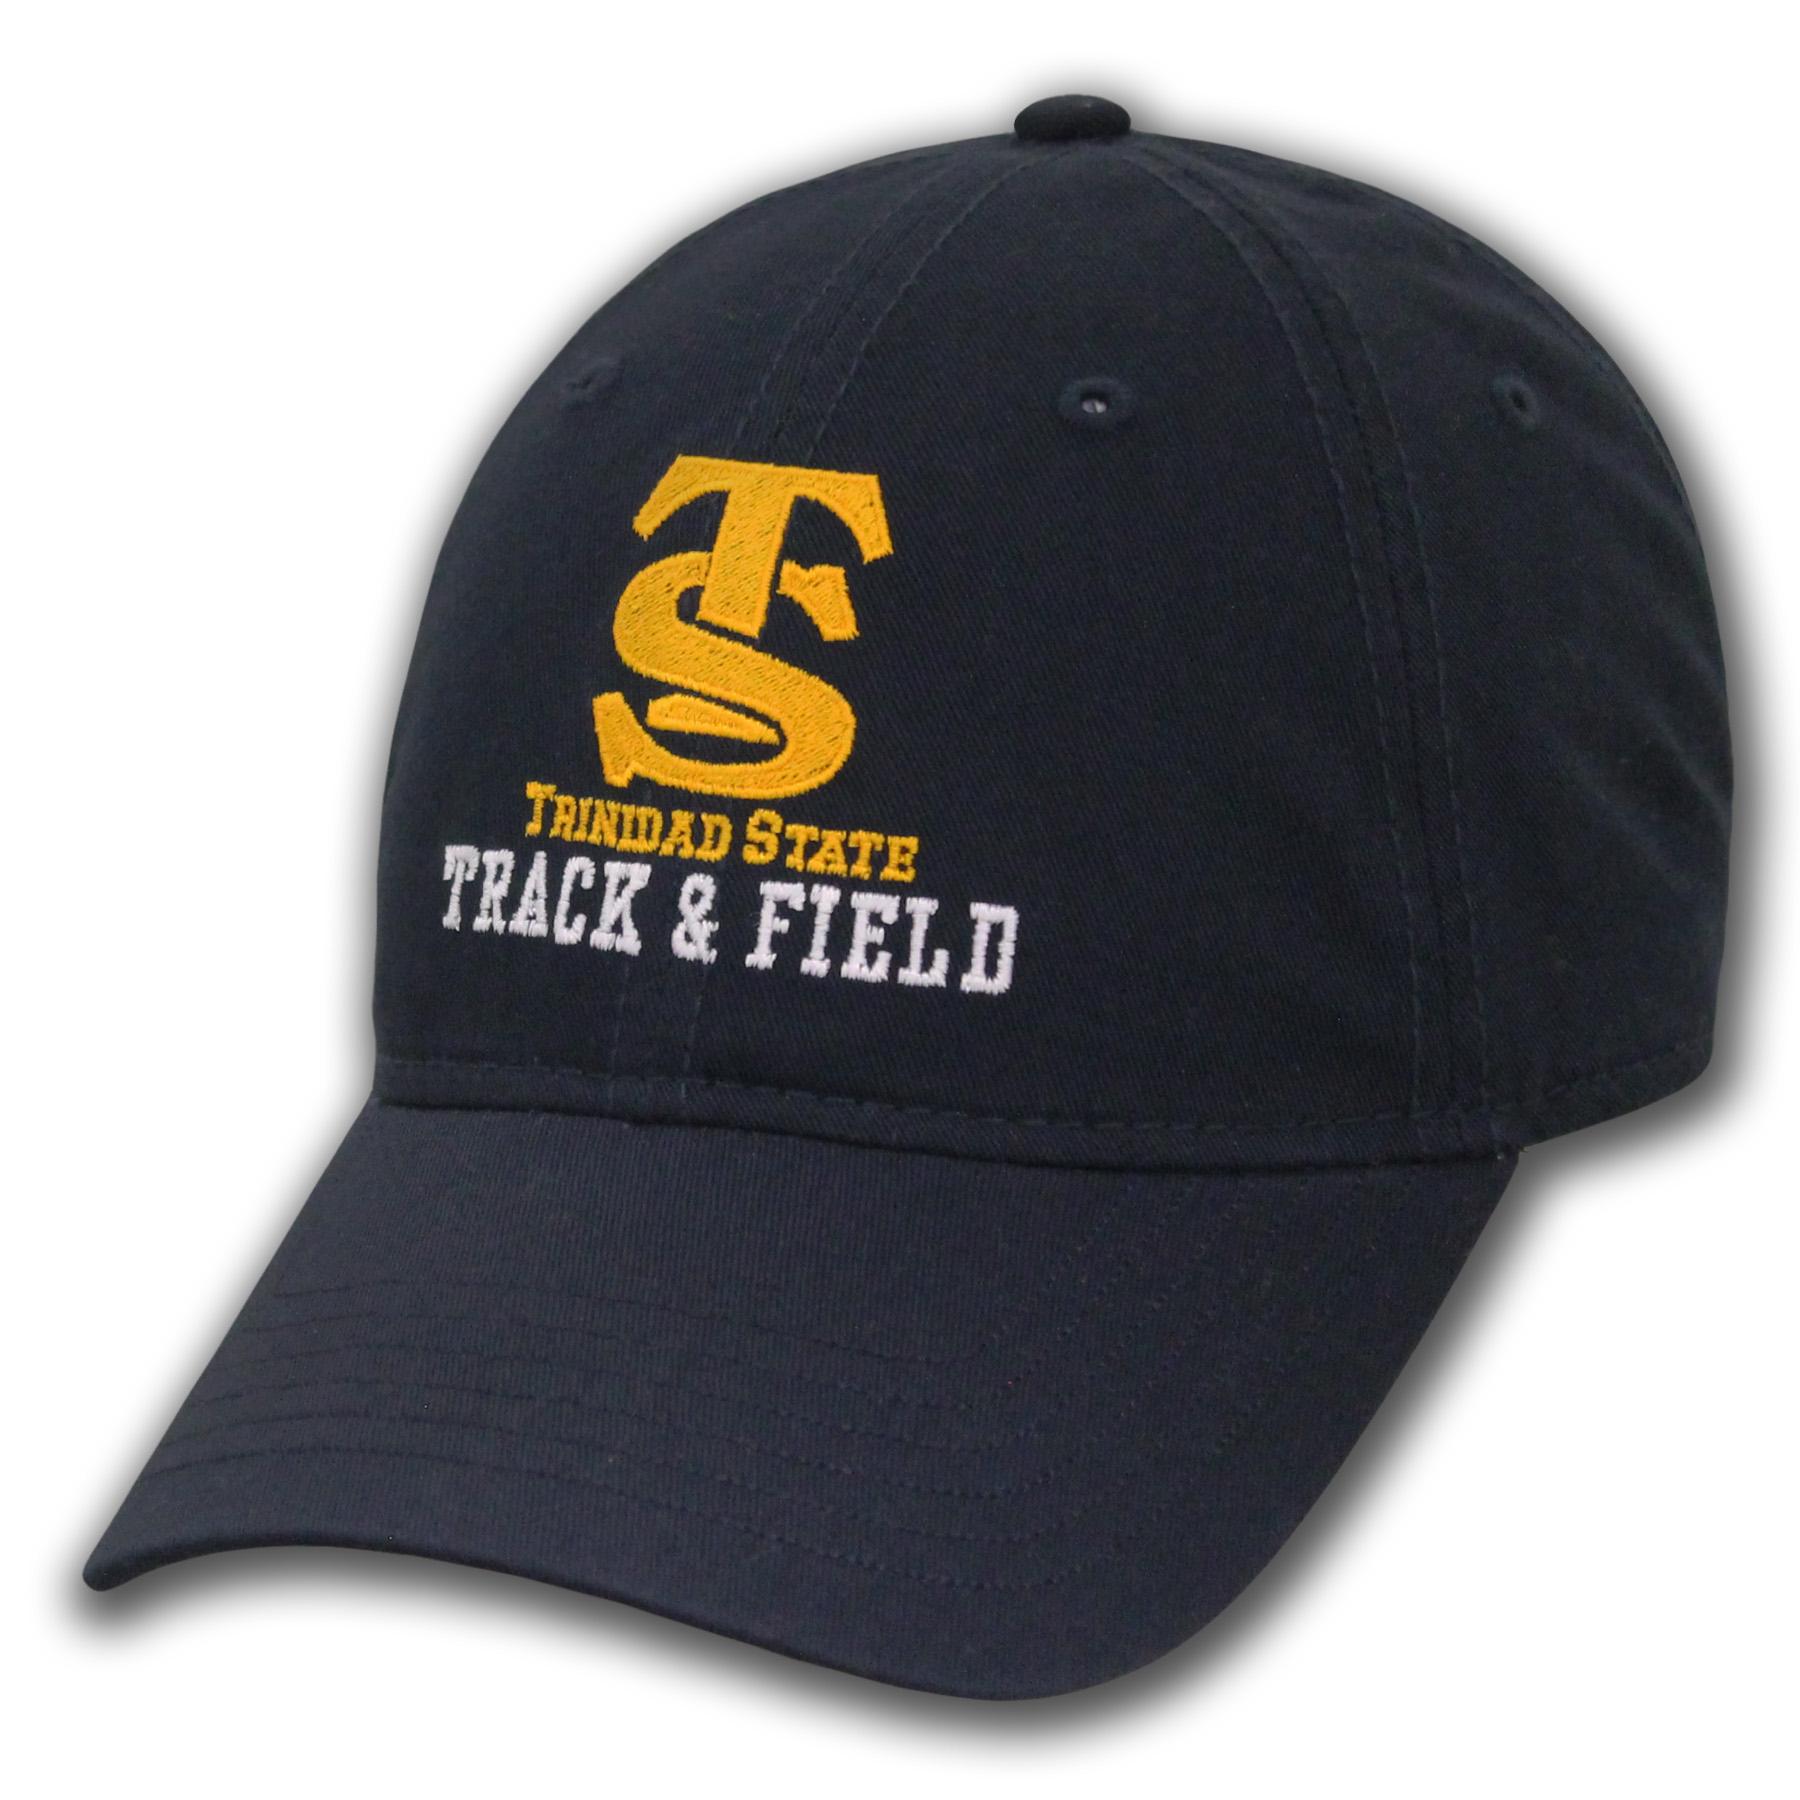 TS Track & Field Hat